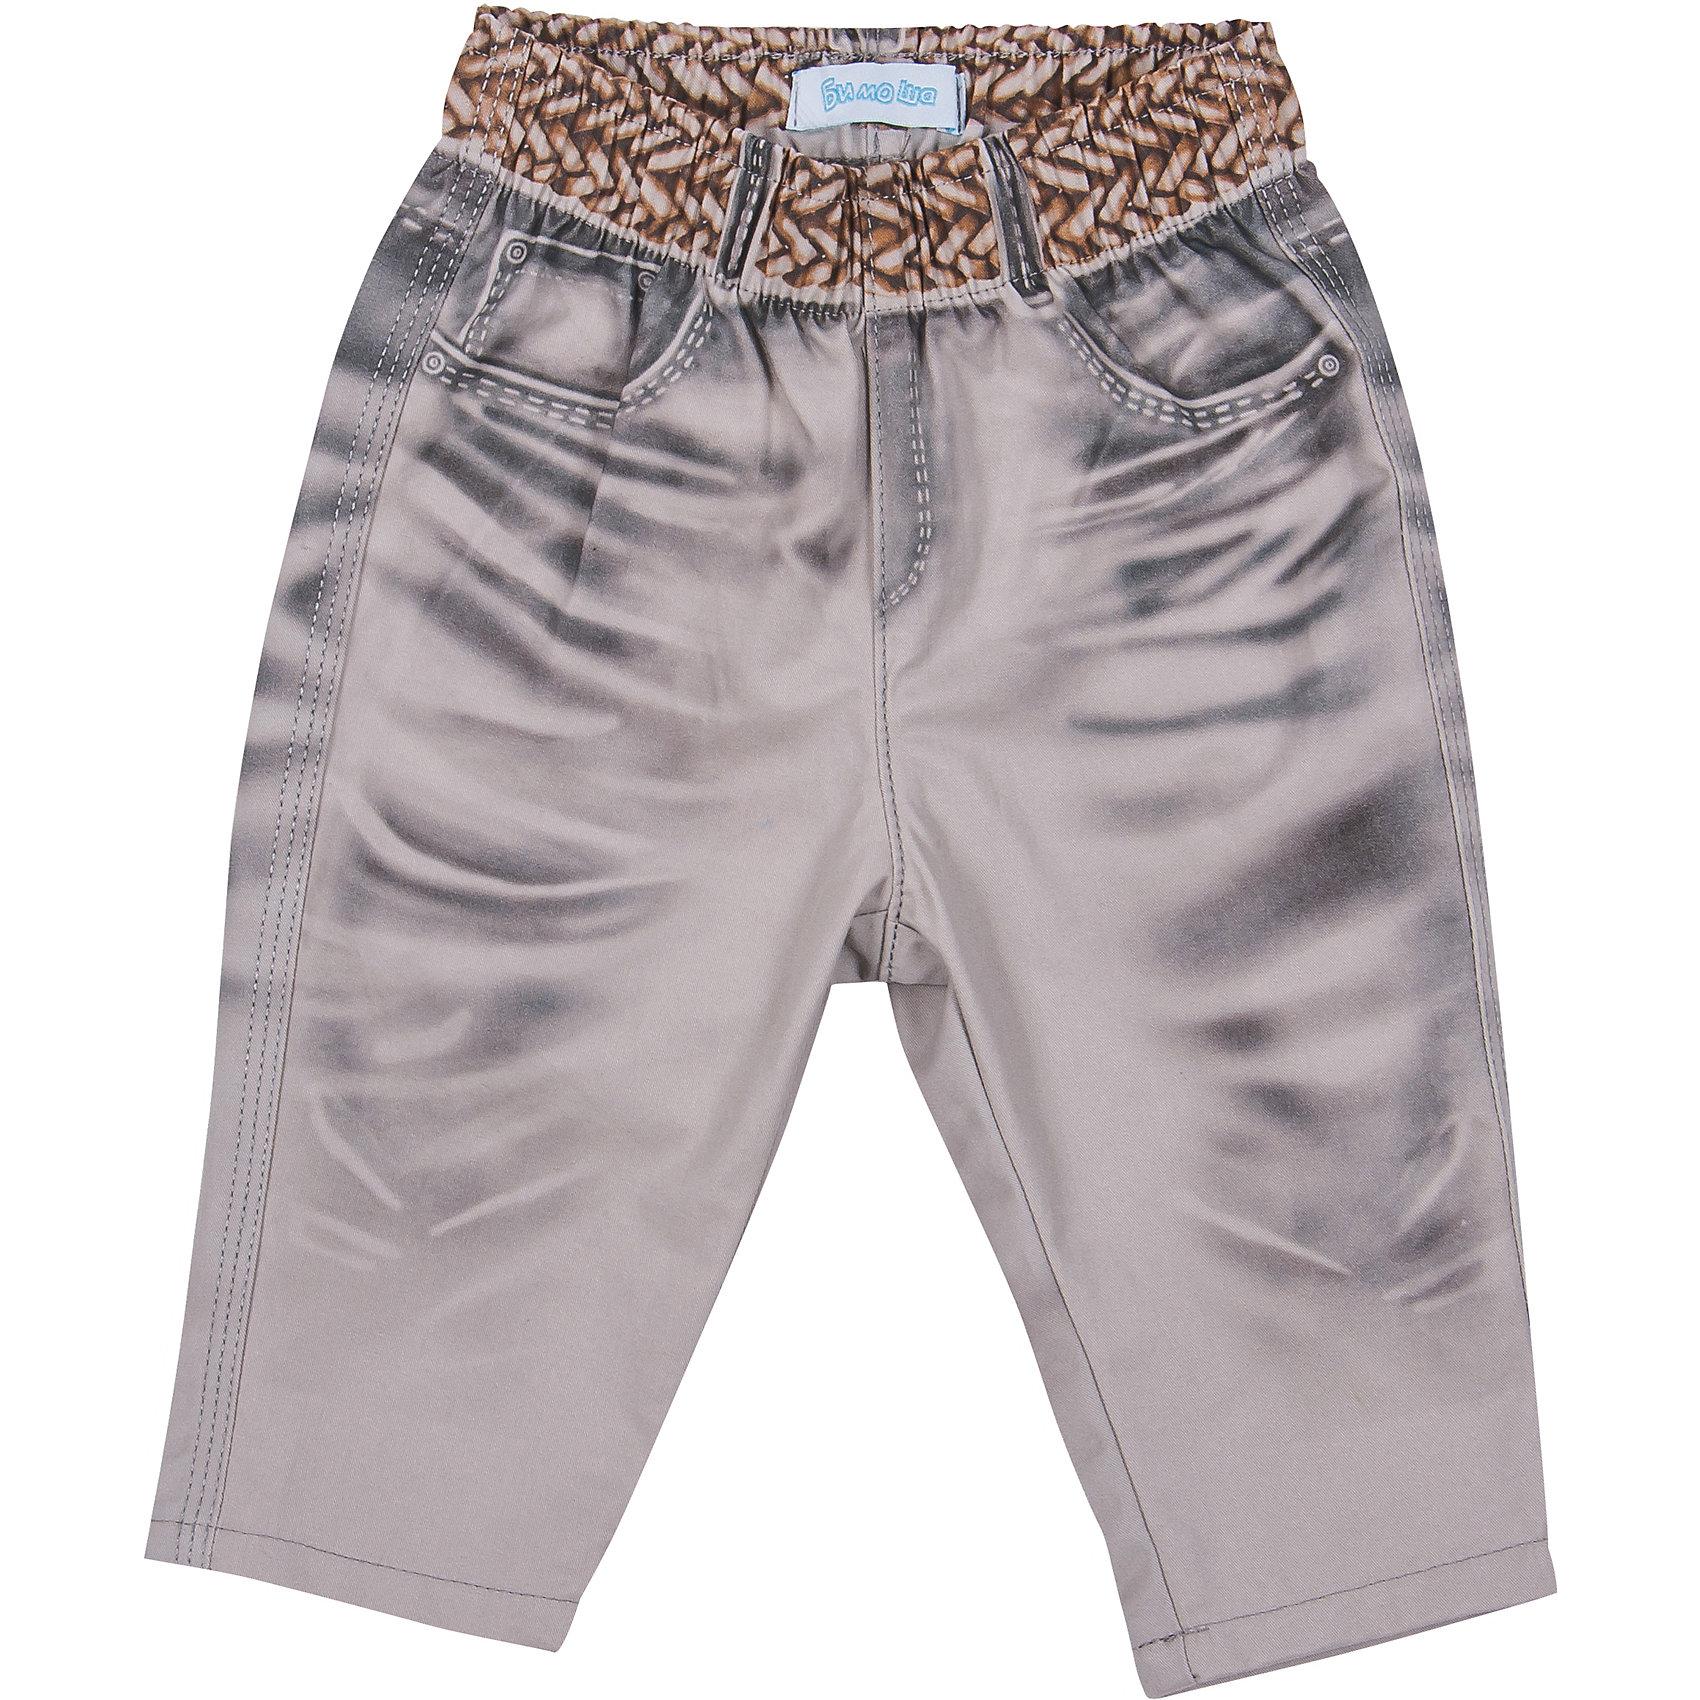 Брюки для мальчика БимошаПолзунки и штанишки<br>Брюки для мальчика от марки Бимоша.<br>Однотонные брюки на широкой резинке, сзади два кармана<br>Состав:<br>твил 100%хлопок<br><br>Ширина мм: 215<br>Глубина мм: 88<br>Высота мм: 191<br>Вес г: 336<br>Цвет: серый<br>Возраст от месяцев: 9<br>Возраст до месяцев: 12<br>Пол: Мужской<br>Возраст: Детский<br>Размер: 92,80,86,74,68<br>SKU: 4578866